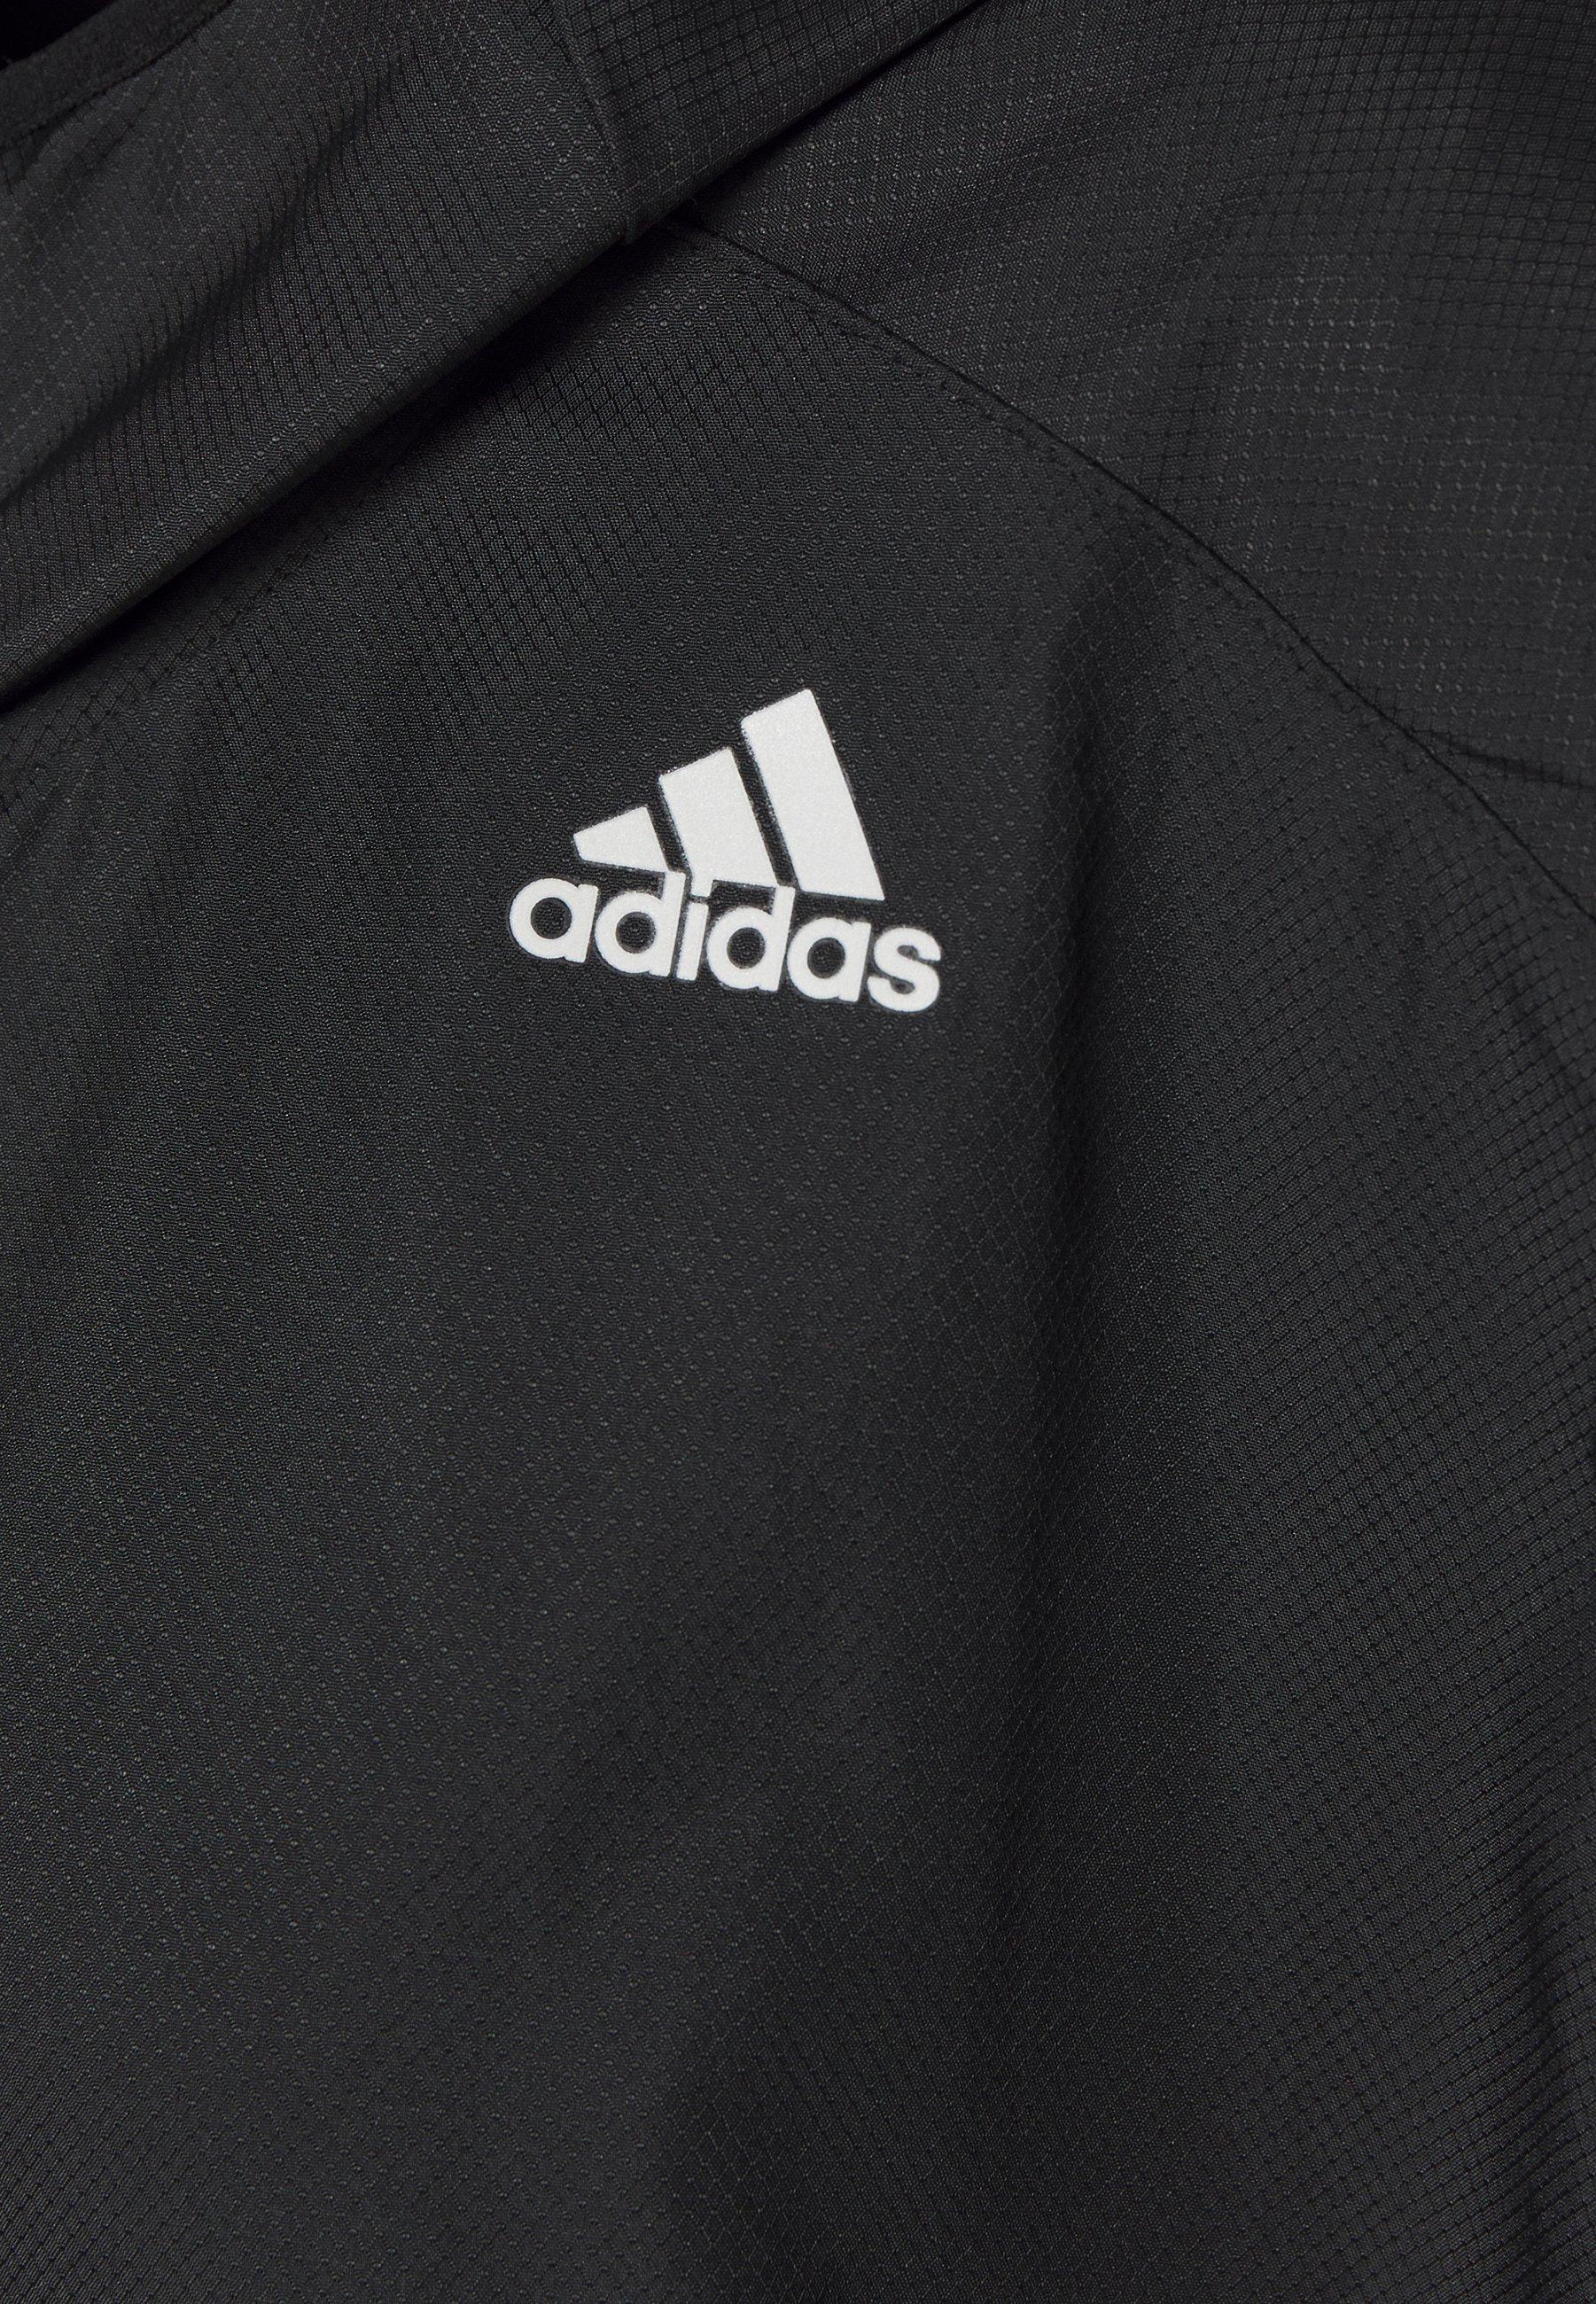 Adidas Performance Own The Run - Giacca Da Corsa Black B8nHV